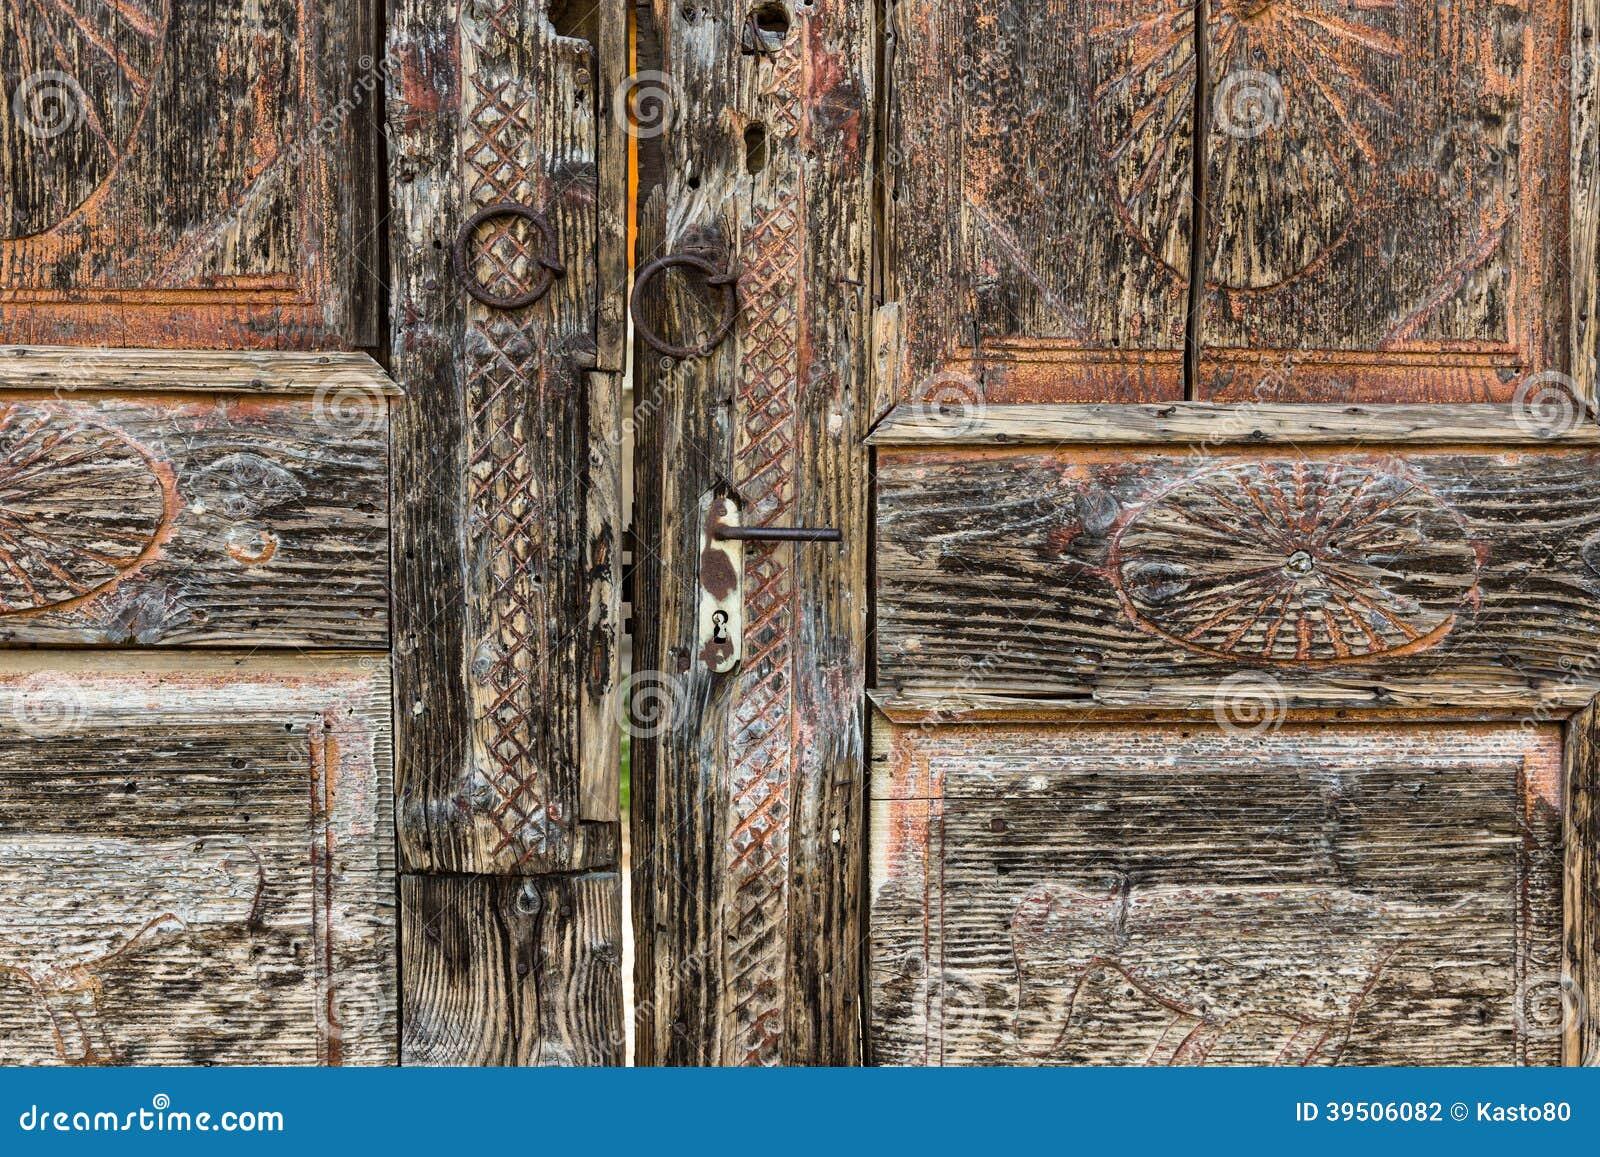 Vintage wooden door.